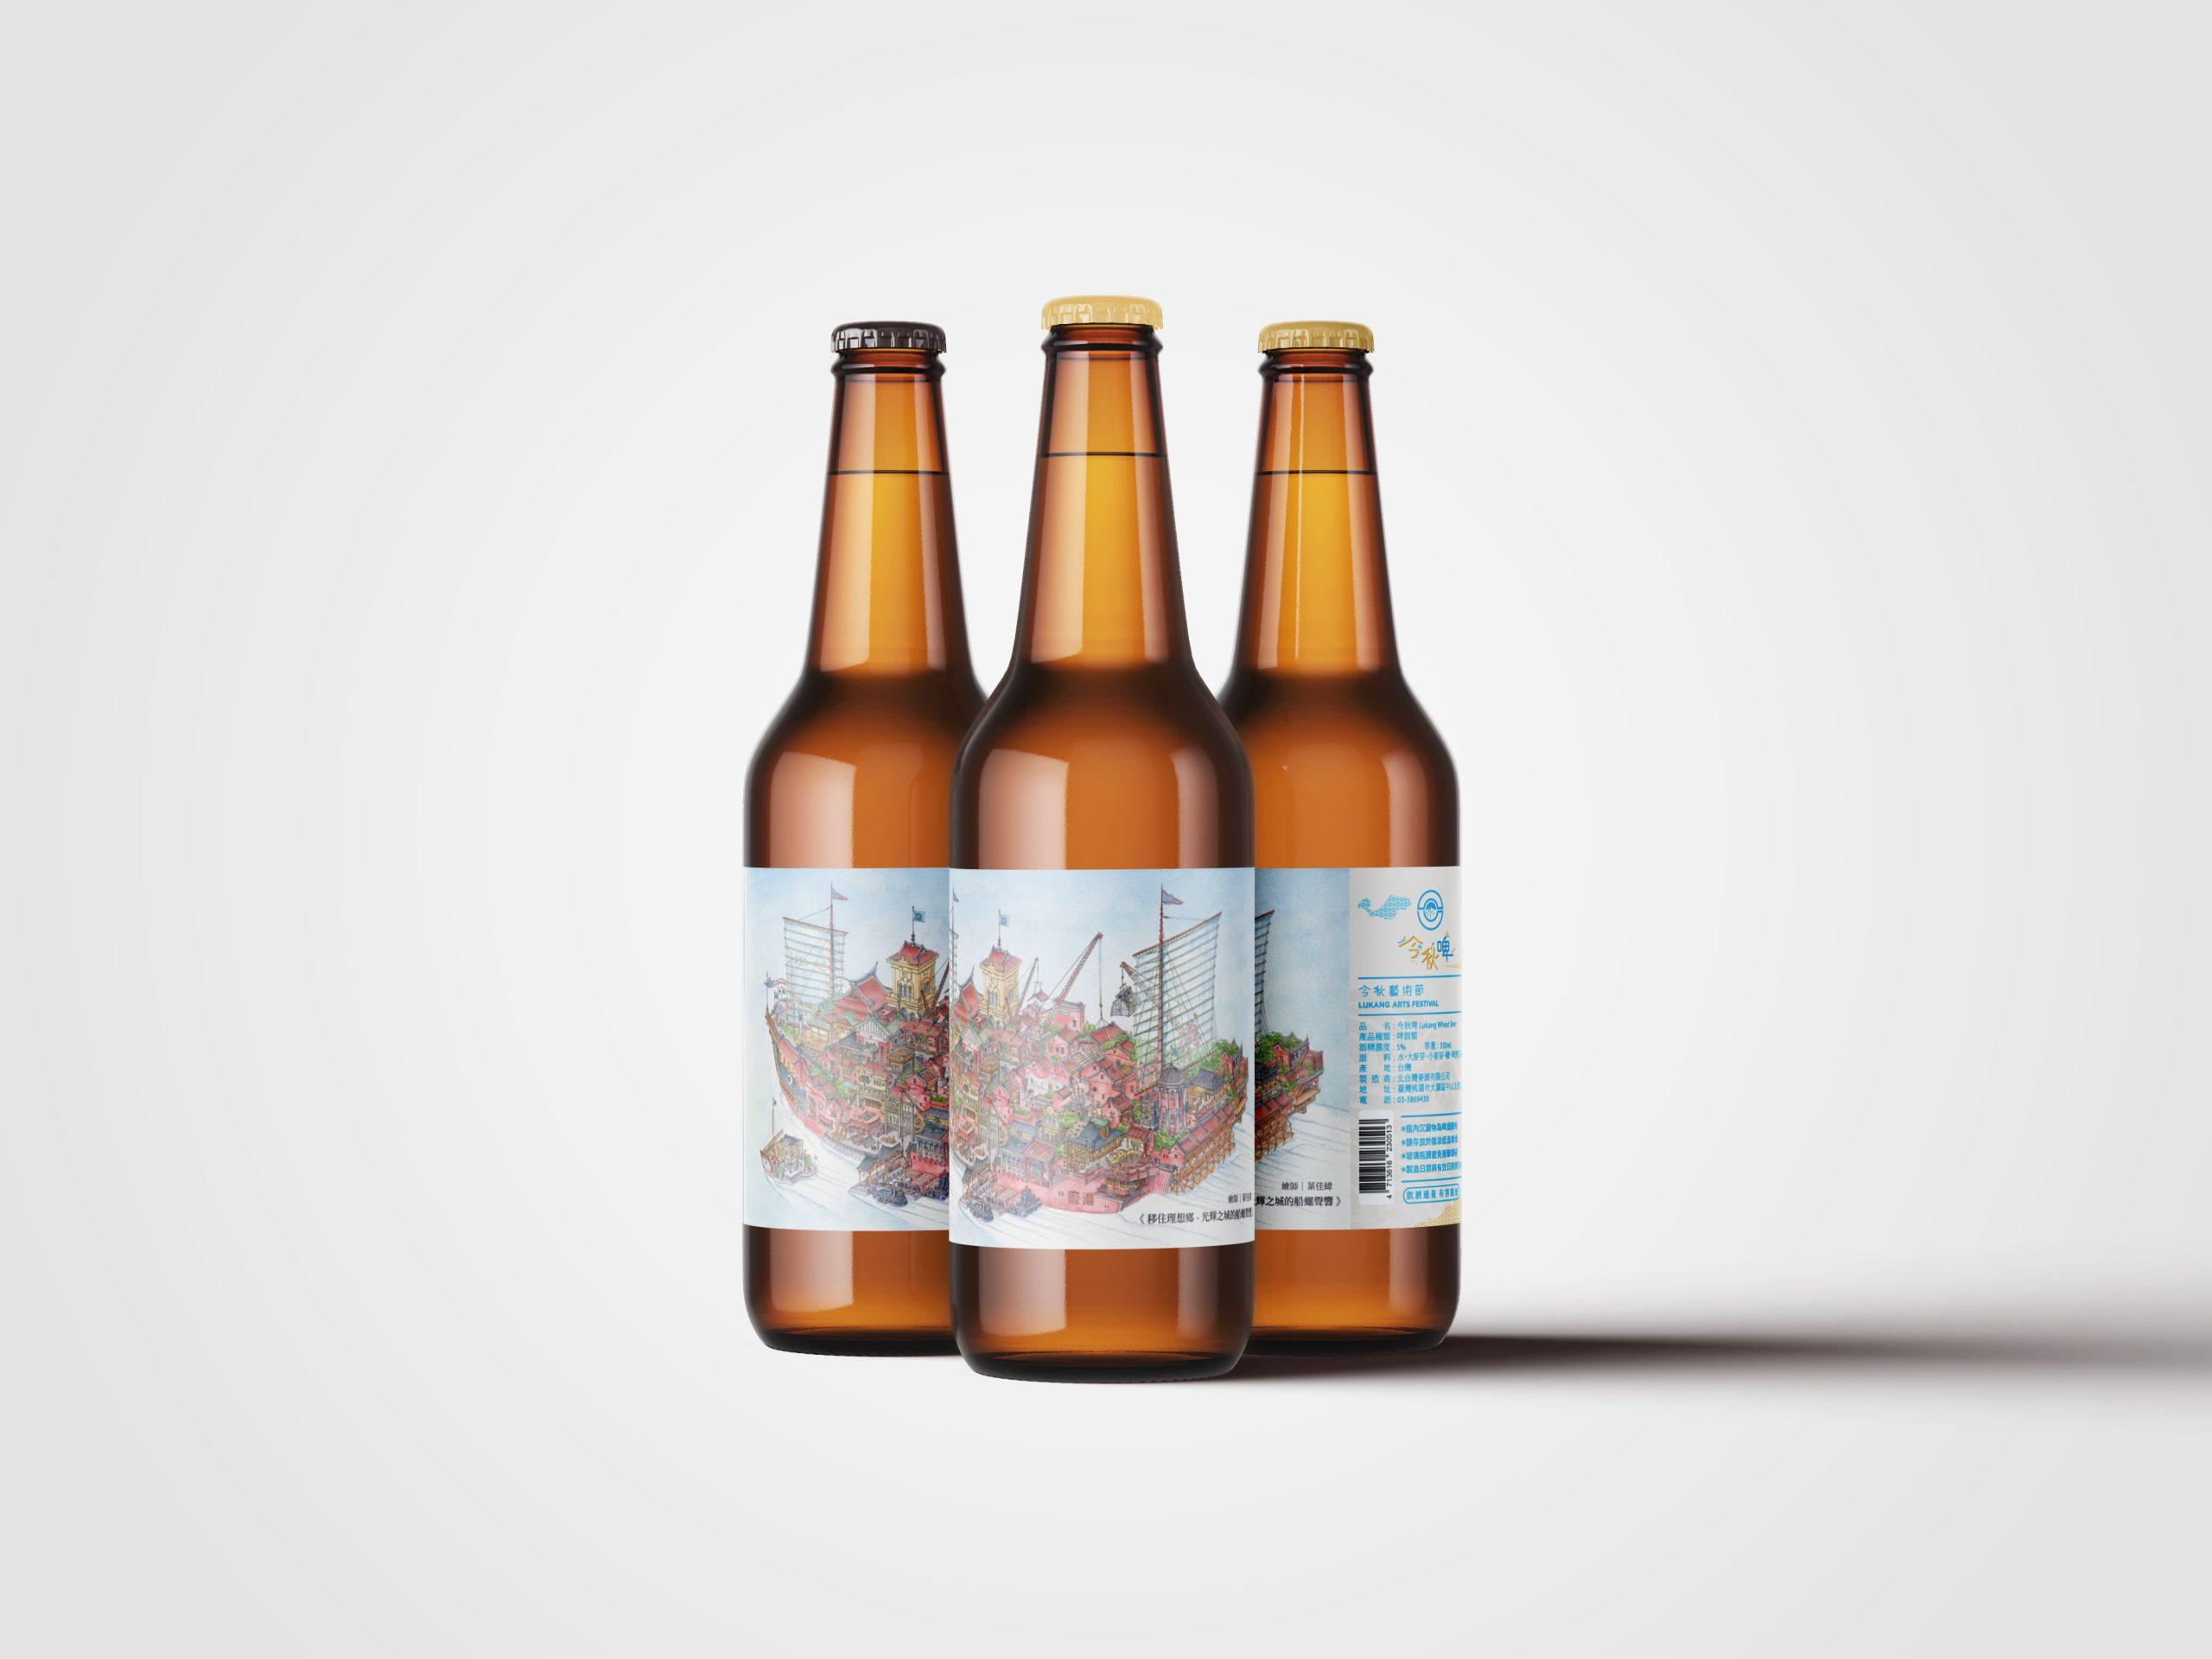 酒標設計|讓包裝設計提升你的商品與品牌價值